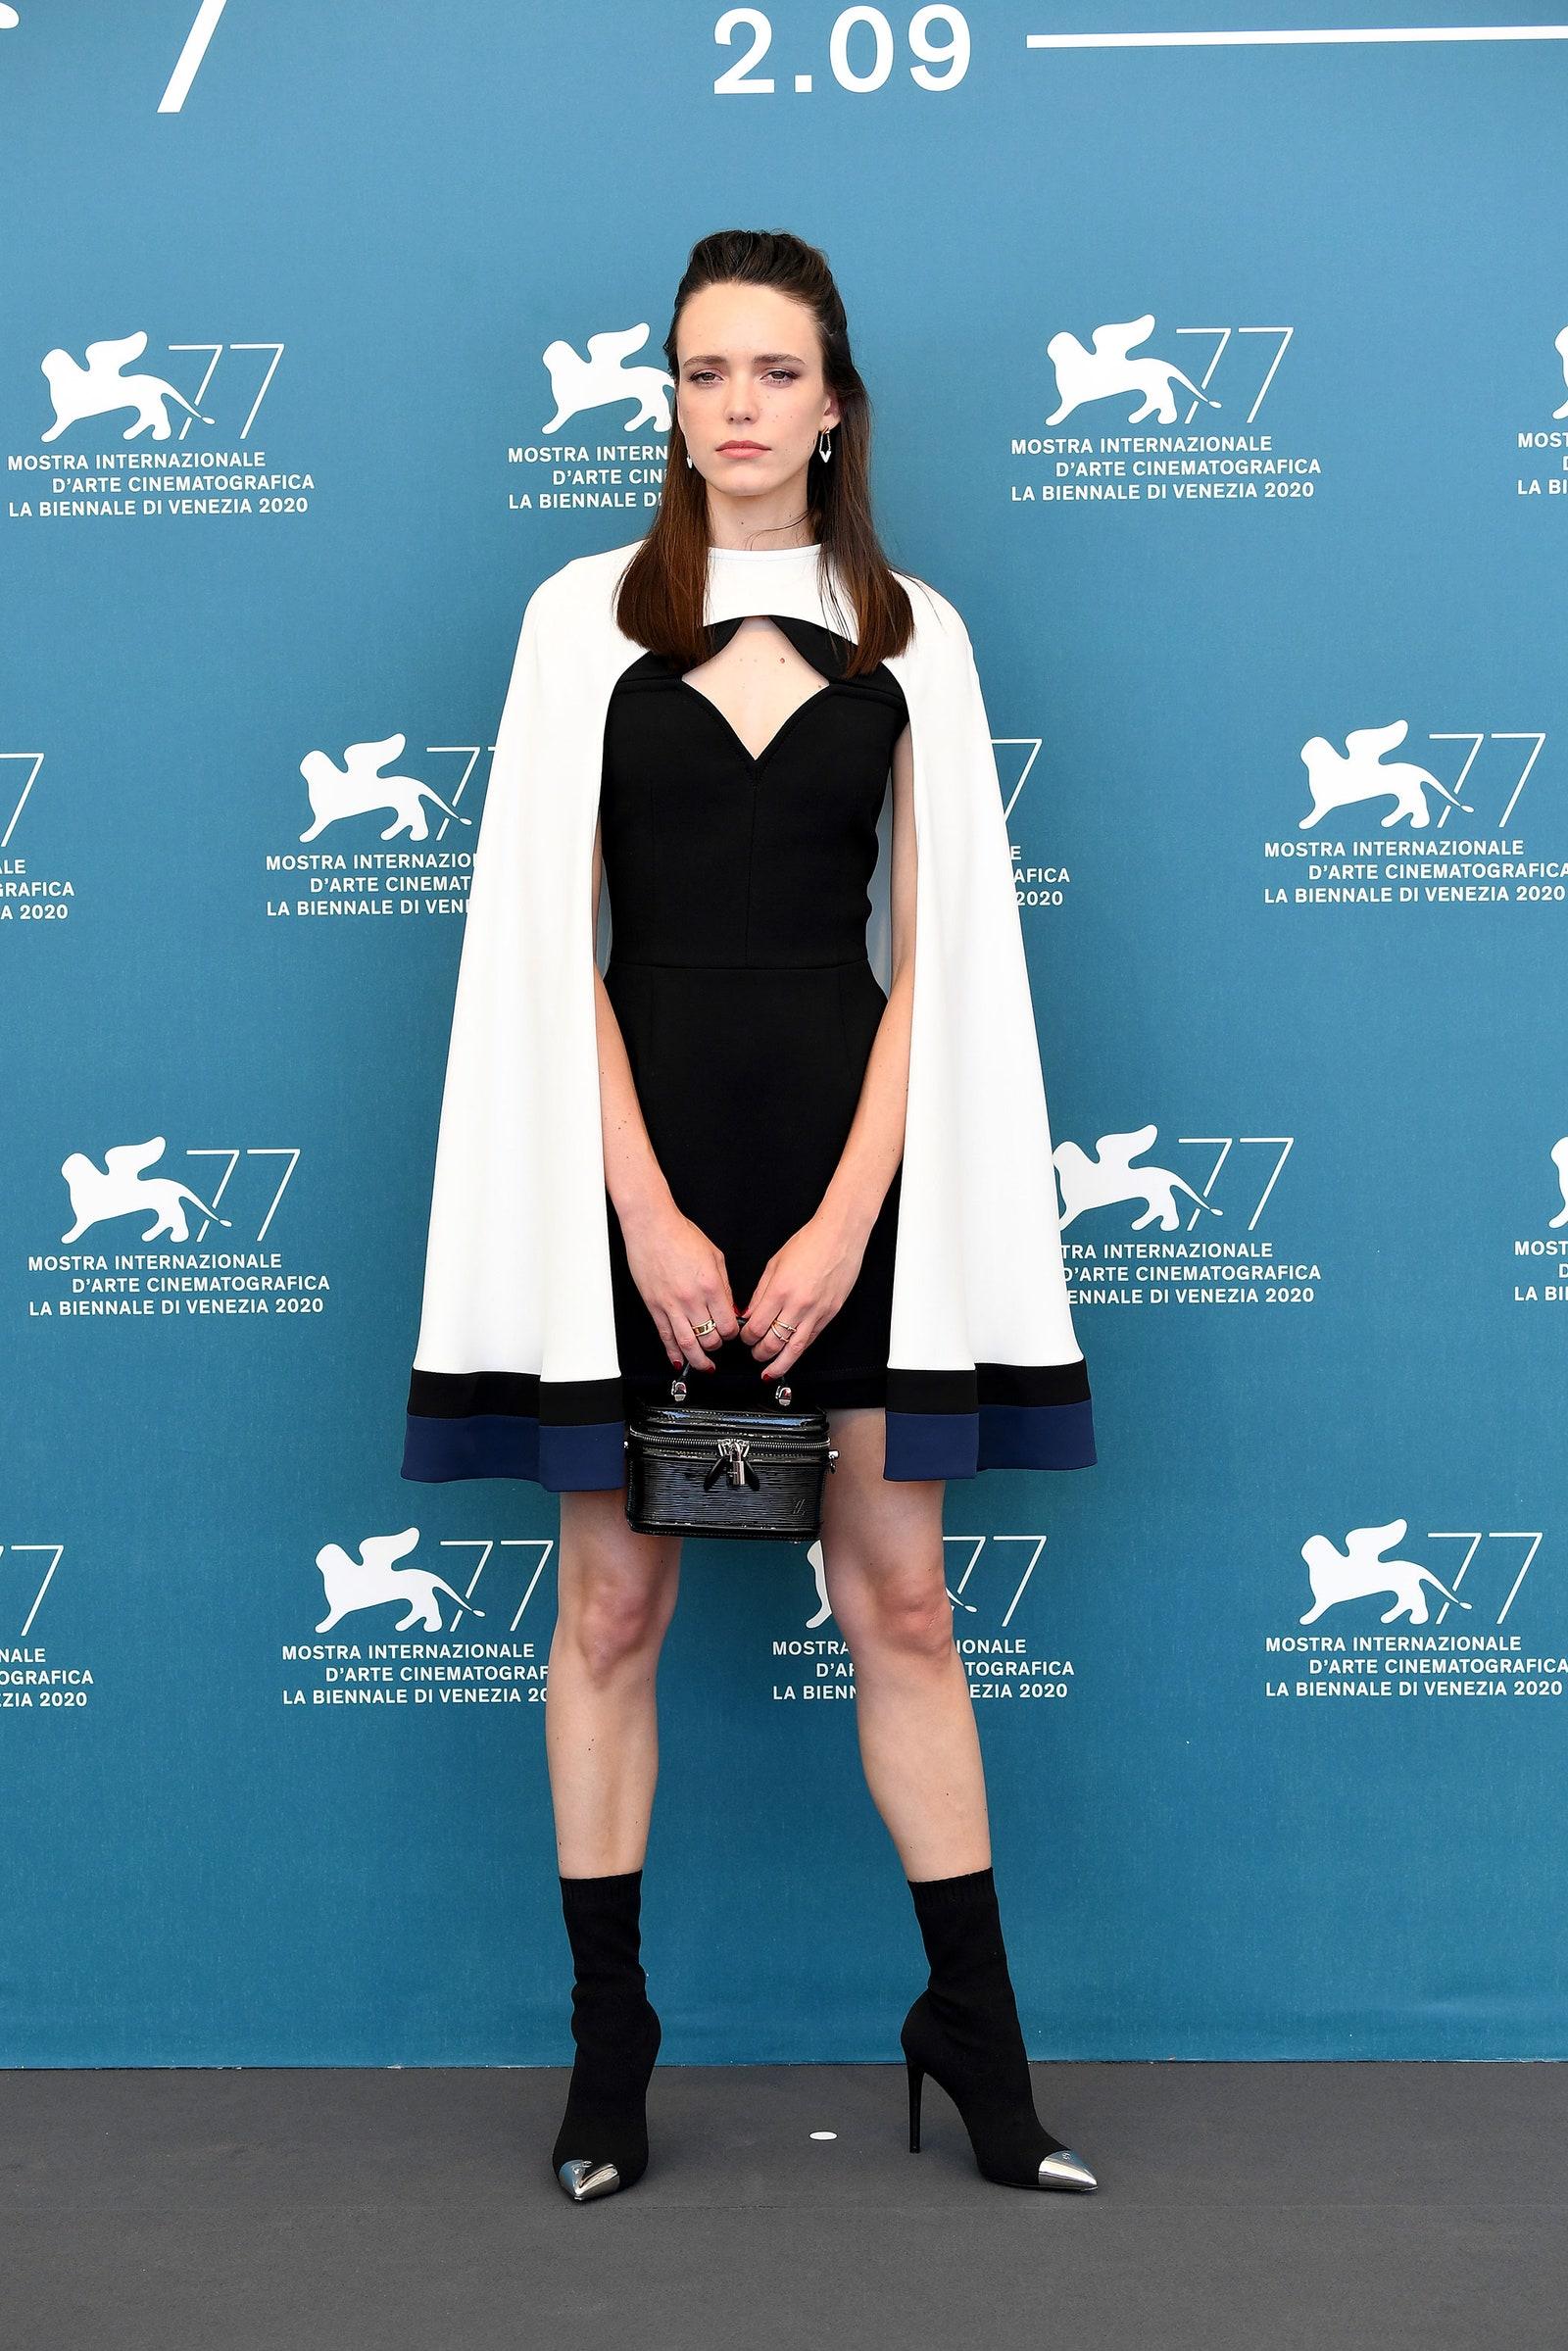 Stacy Martins cùng thời trang Louis Vuitton thảm đỏ venice